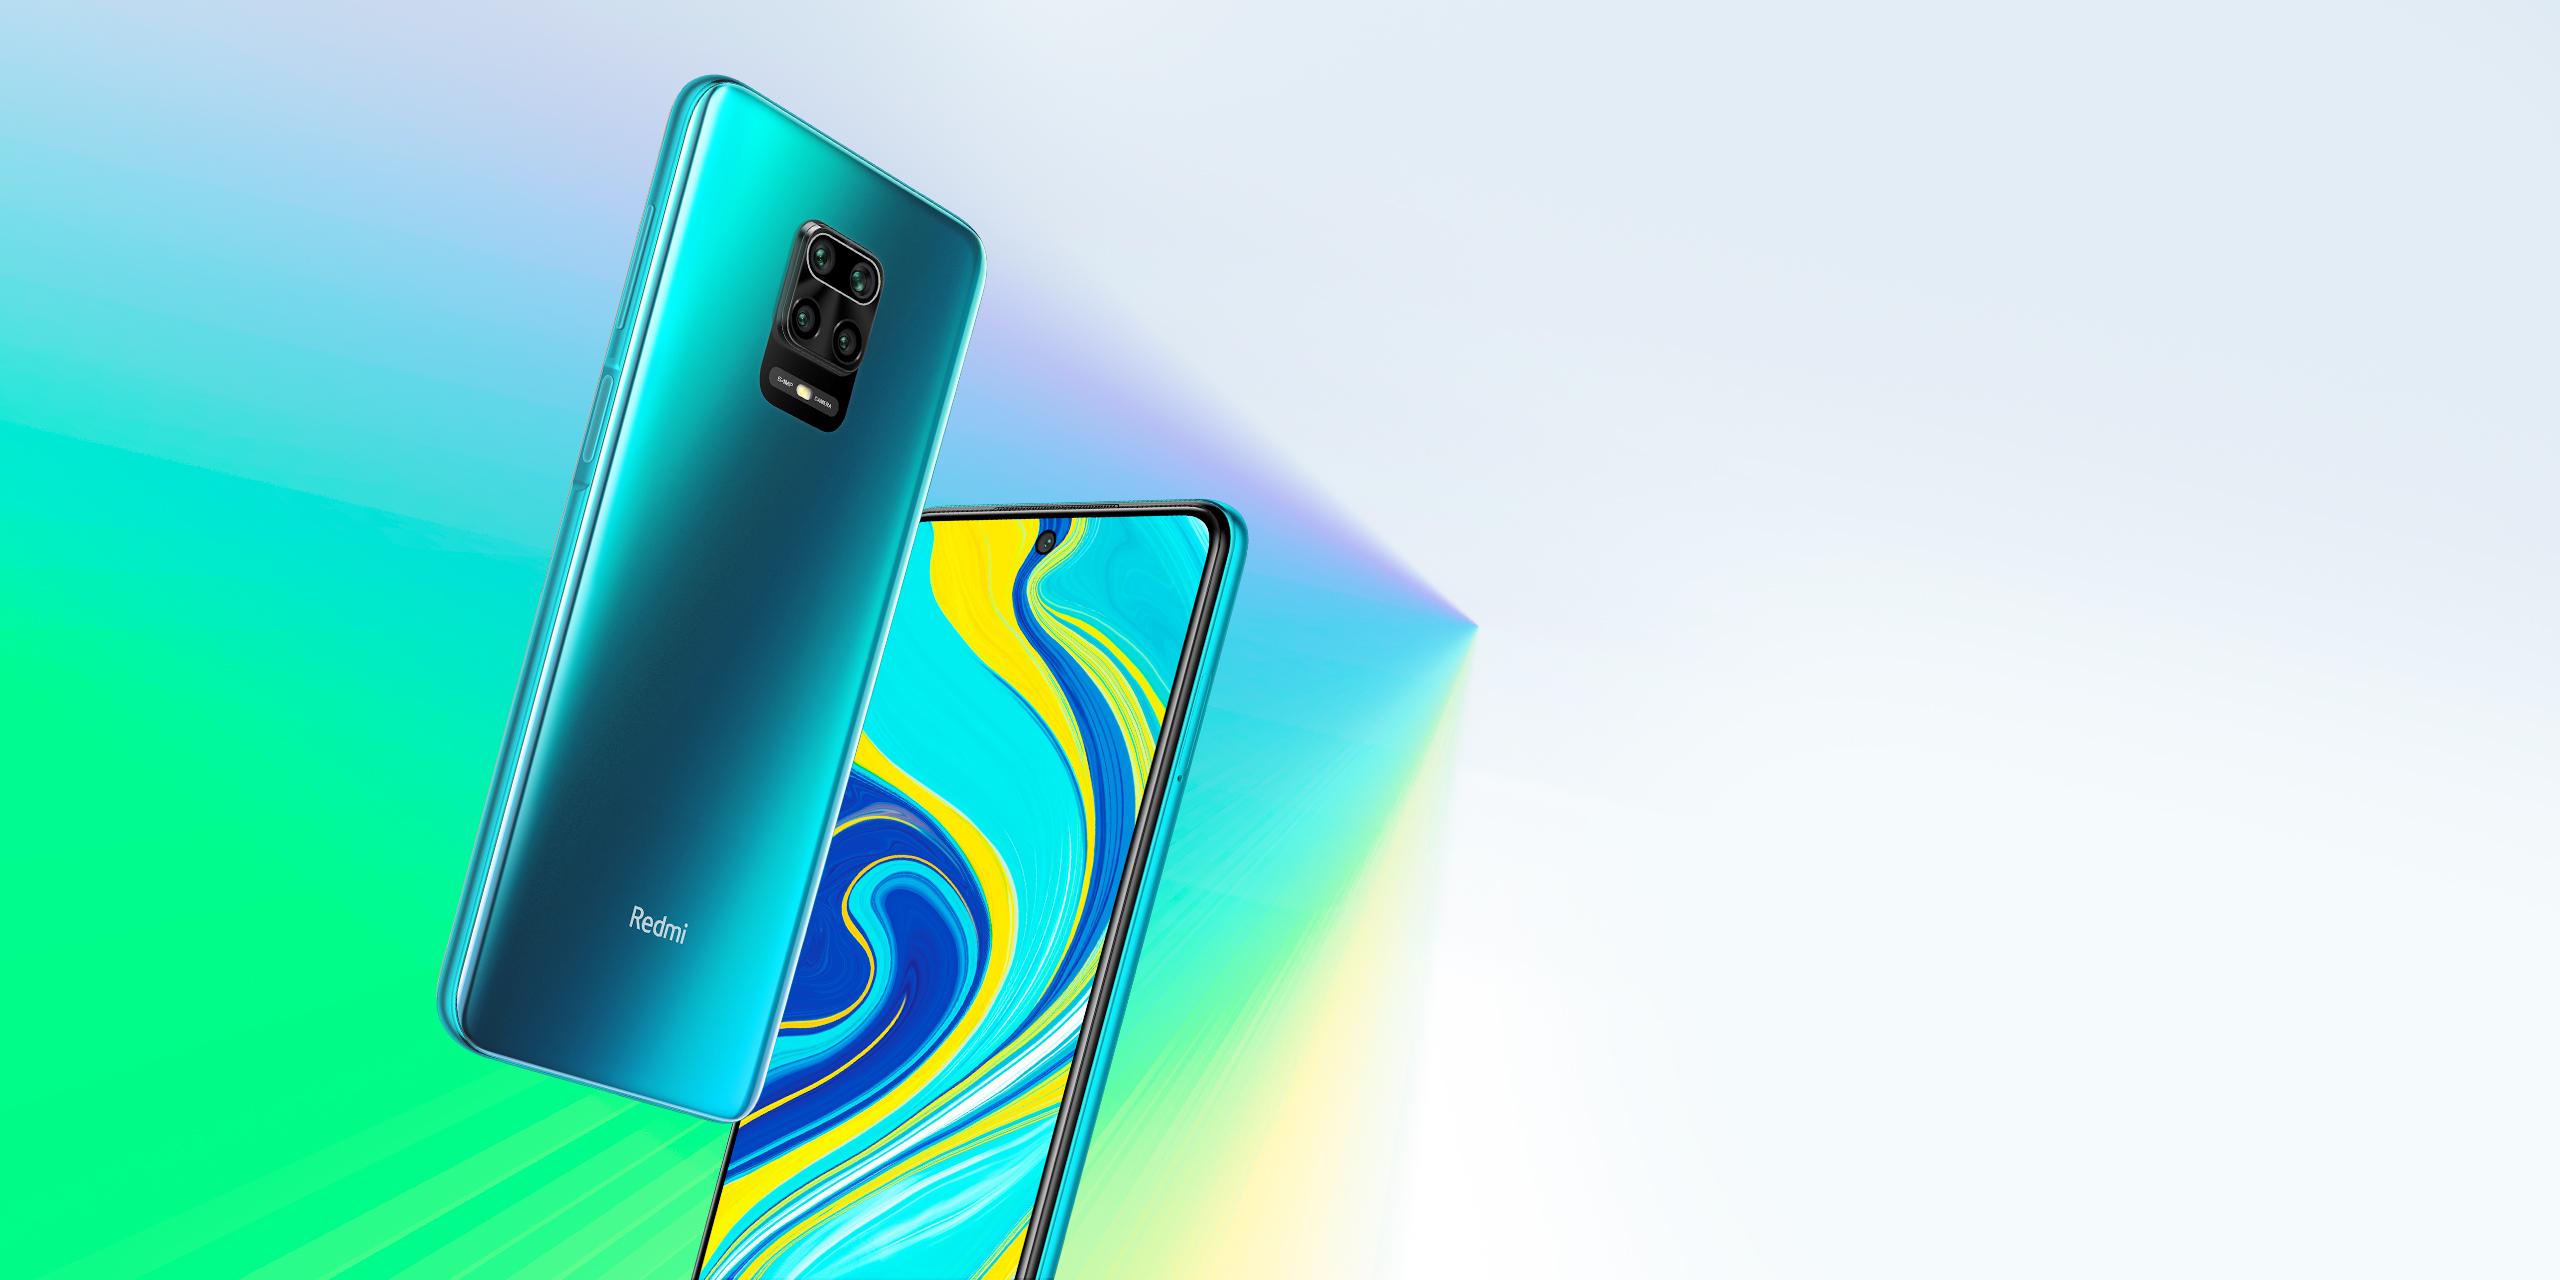 Xiaomi Redmi 9S MIUI 11 pierde la certificación L1: la actualización de MIUI 12 podría resolver el problema